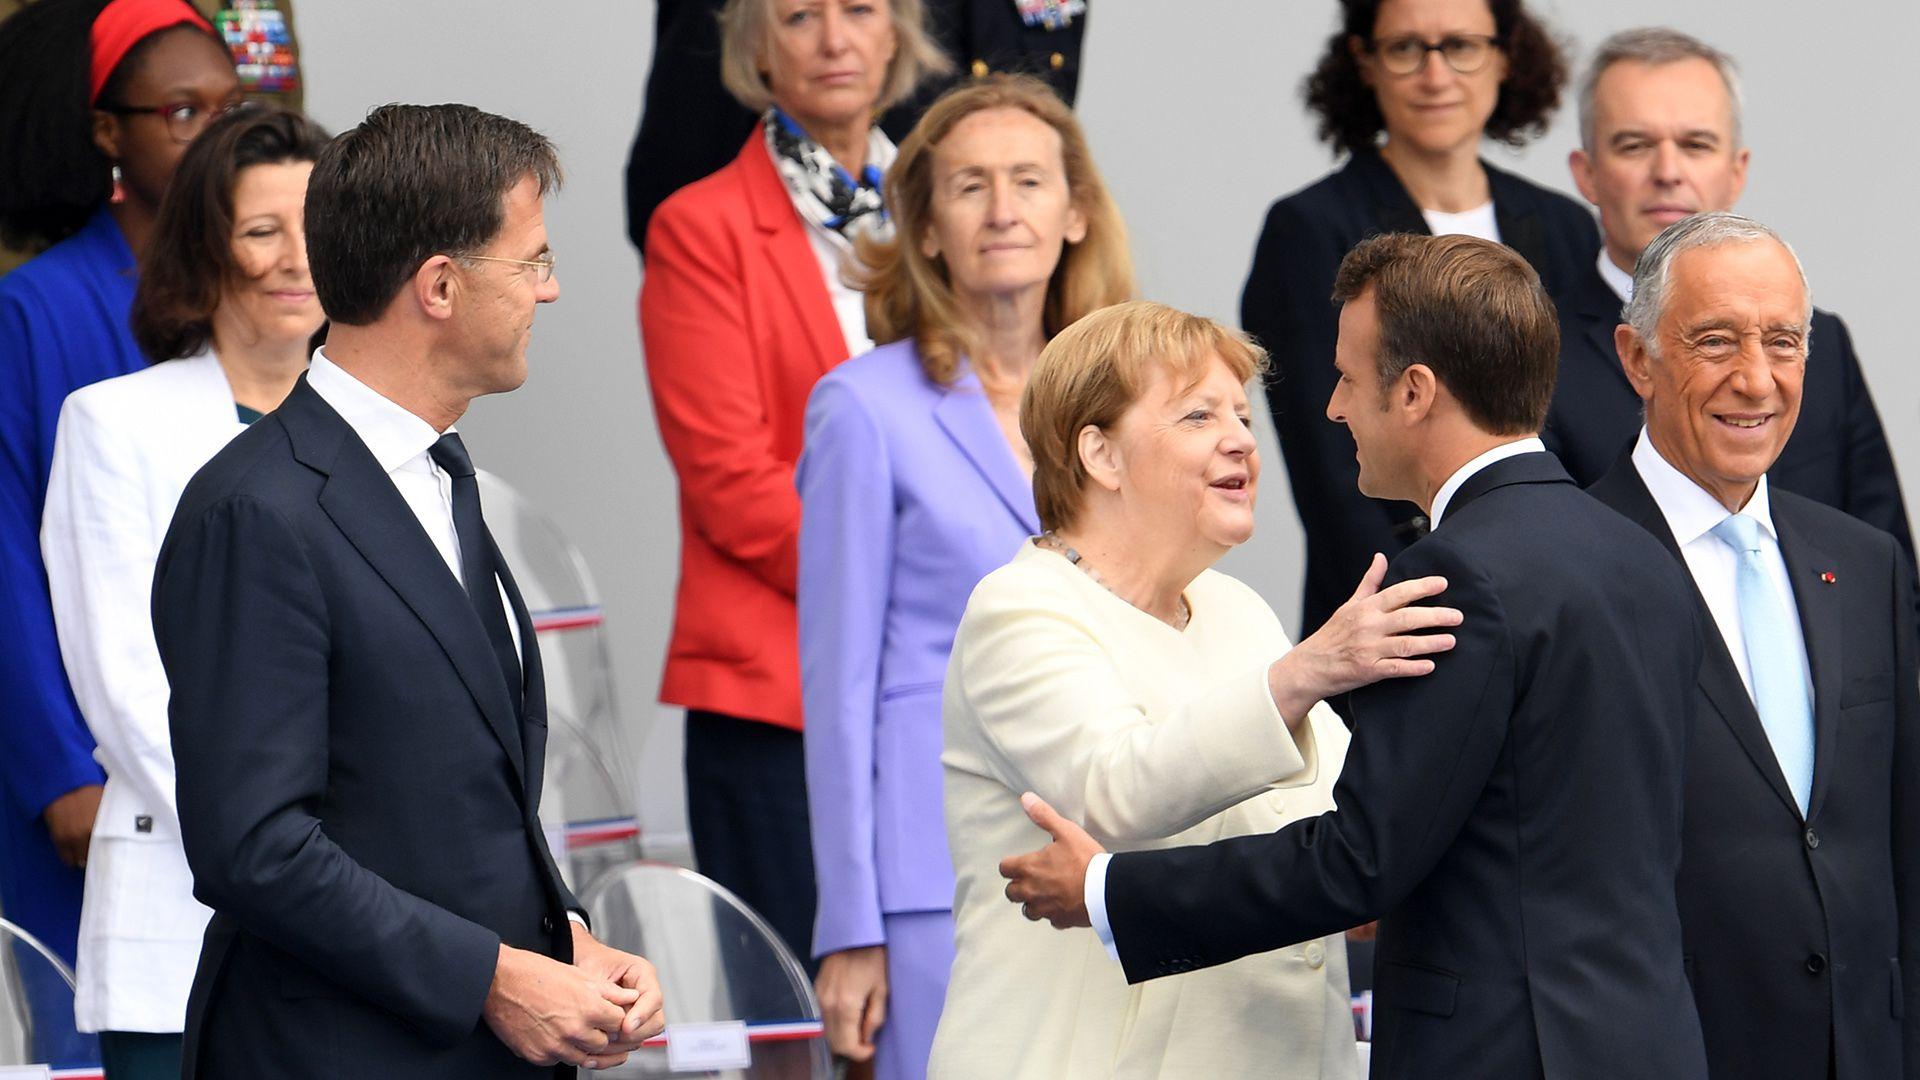 La canciller alemana Angela Merkel participó de las celebraciones (AFP)